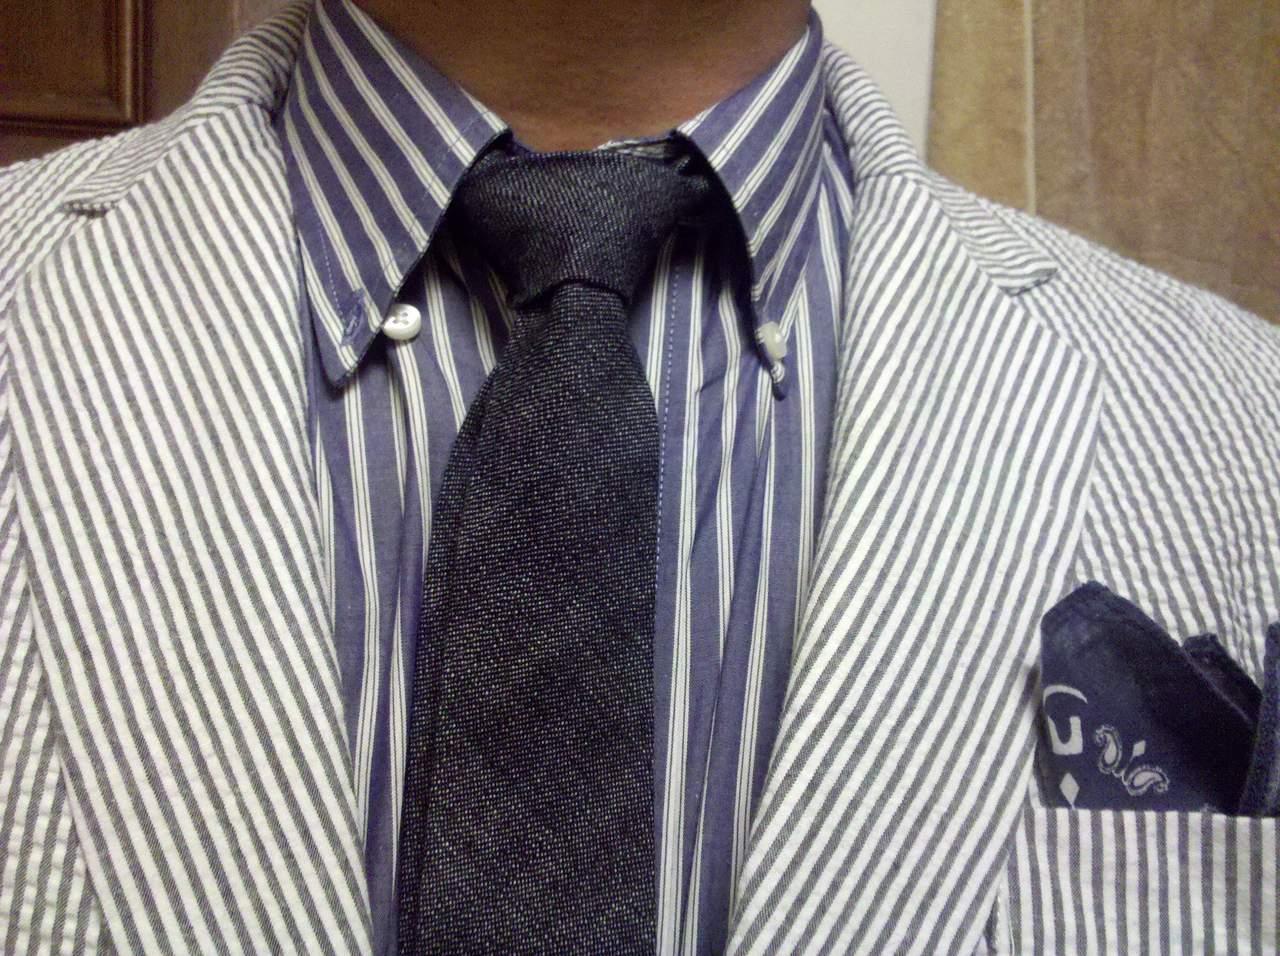 todaystie :     Steven Allen shirt-Naked and Famous selvedge Denim tie- washed Seersucker BlackFleeceblazer -Blue Dsquared bandana.